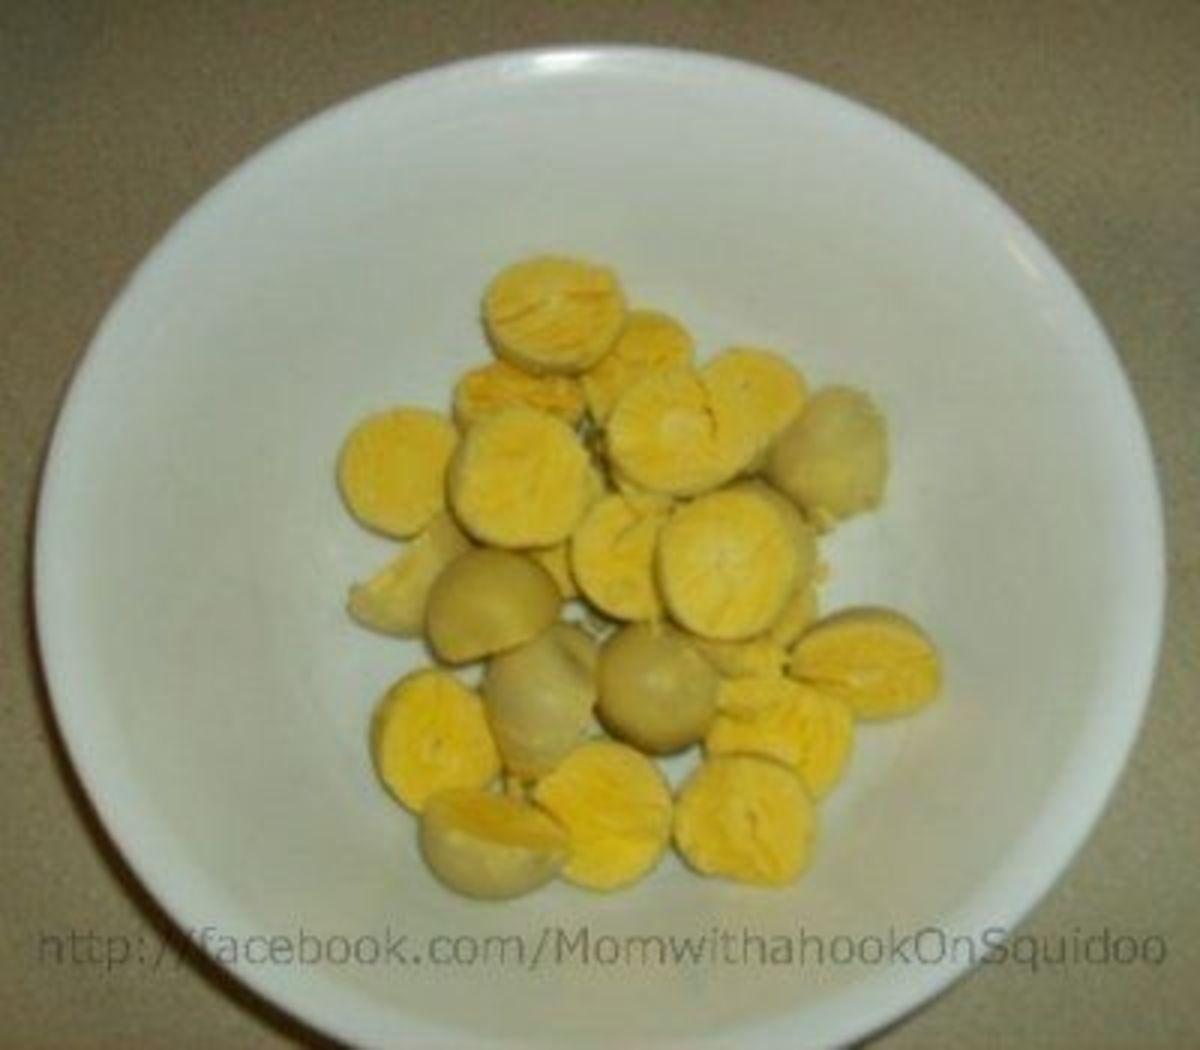 Behold, the lovely egg yolks!